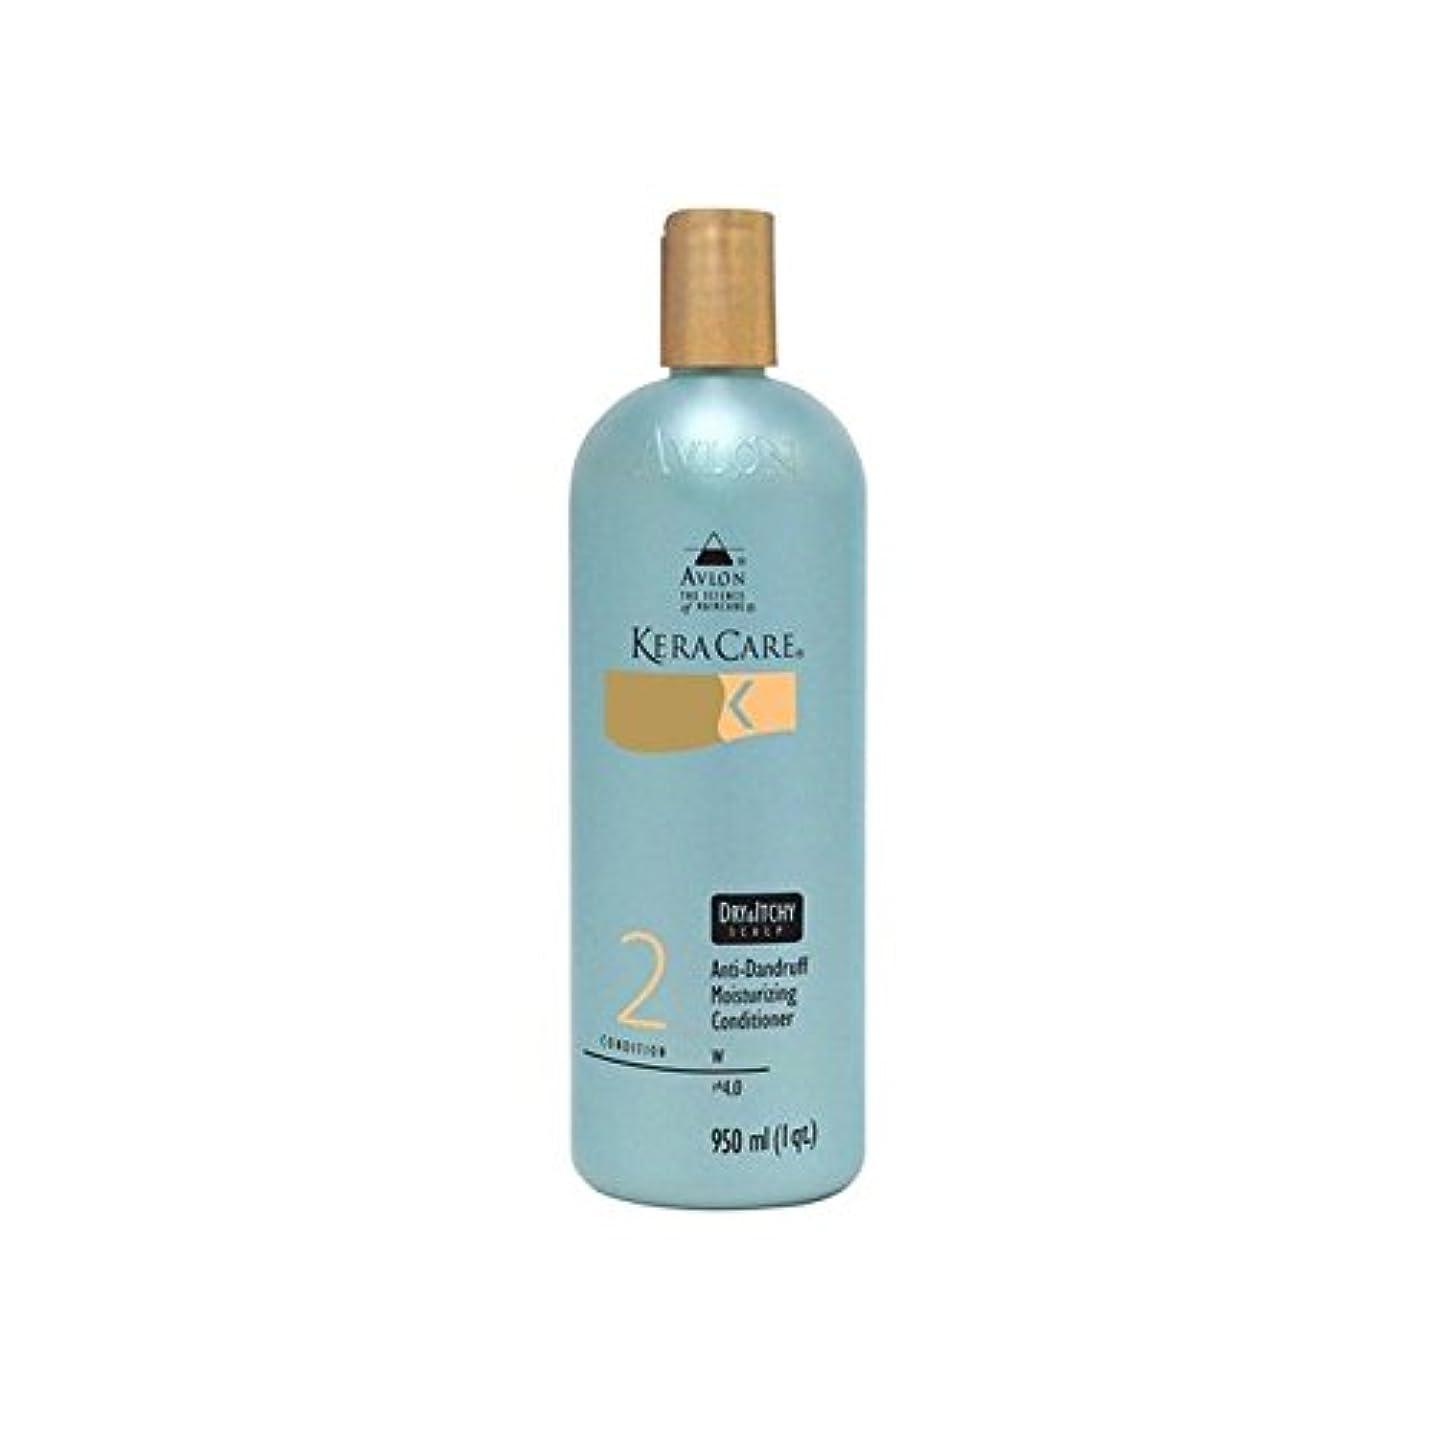 コードレスフルーツ影響するKeracare Dry And Itchy Scalp Moisturizing Conditioner (950ml) - 乾燥やかゆみ頭皮の保湿コンディショナー(950ミリリットル) [並行輸入品]